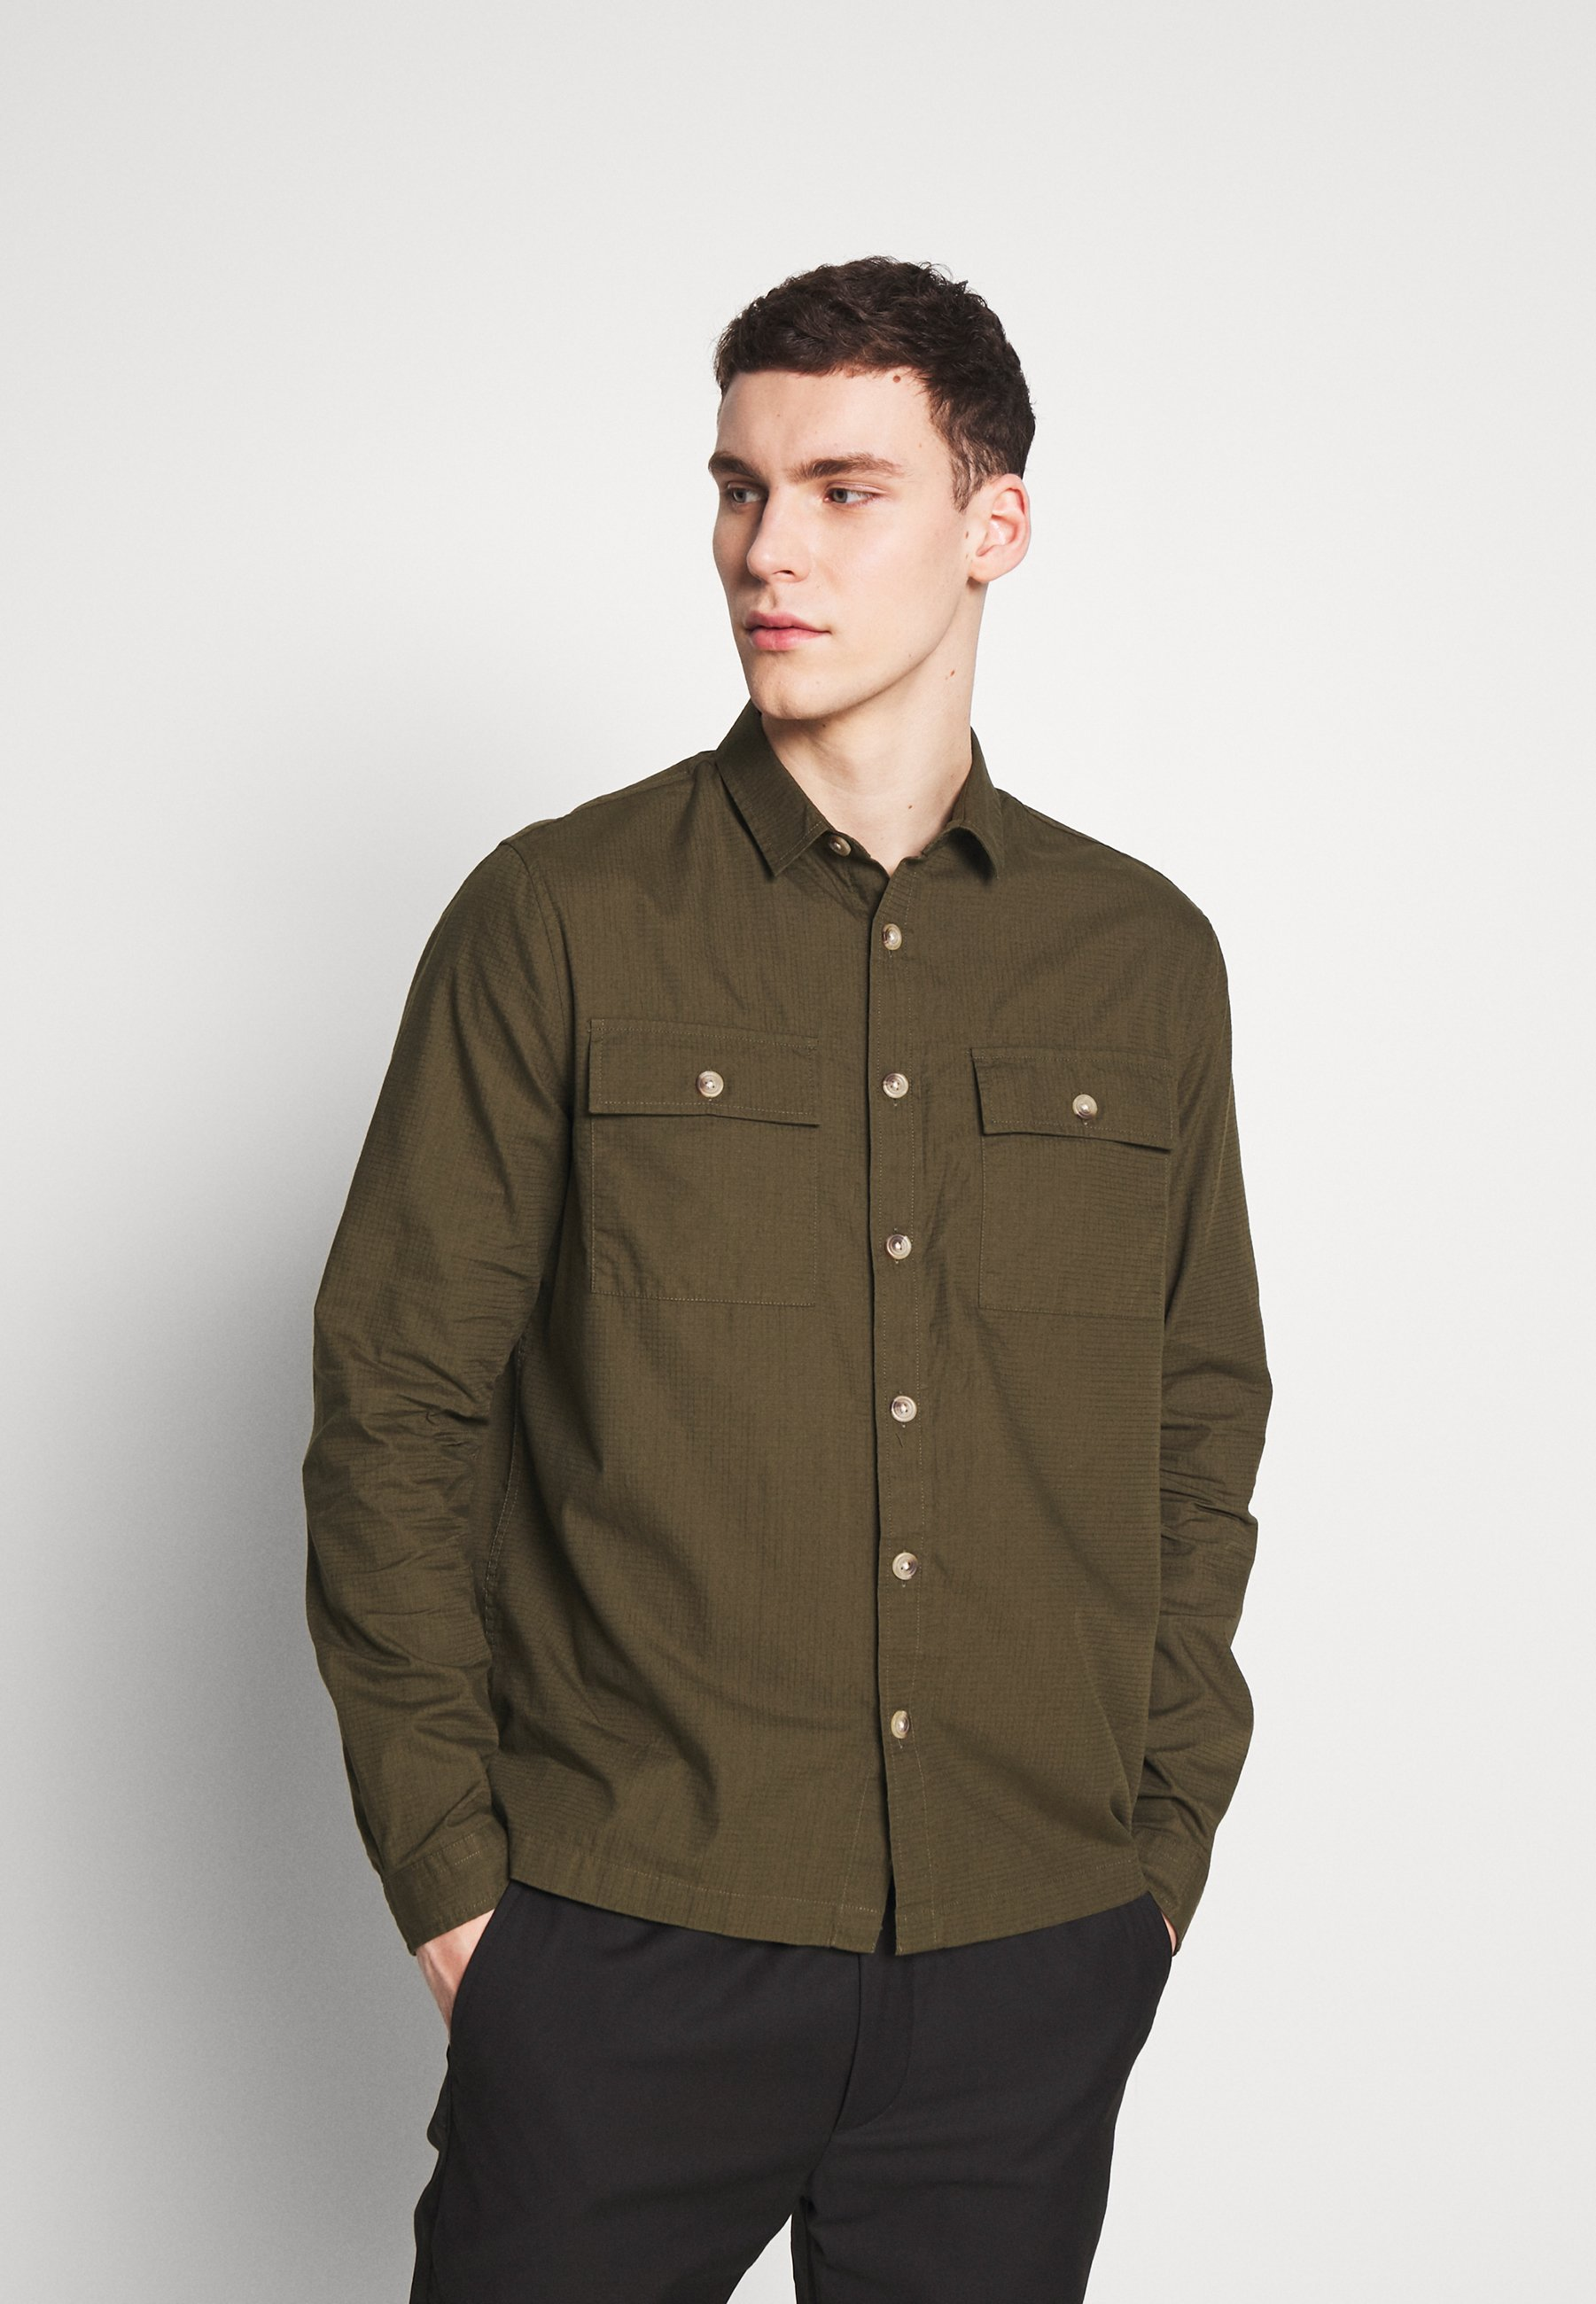 New Look Herretøj   Det nyeste modetøj til mænd online på